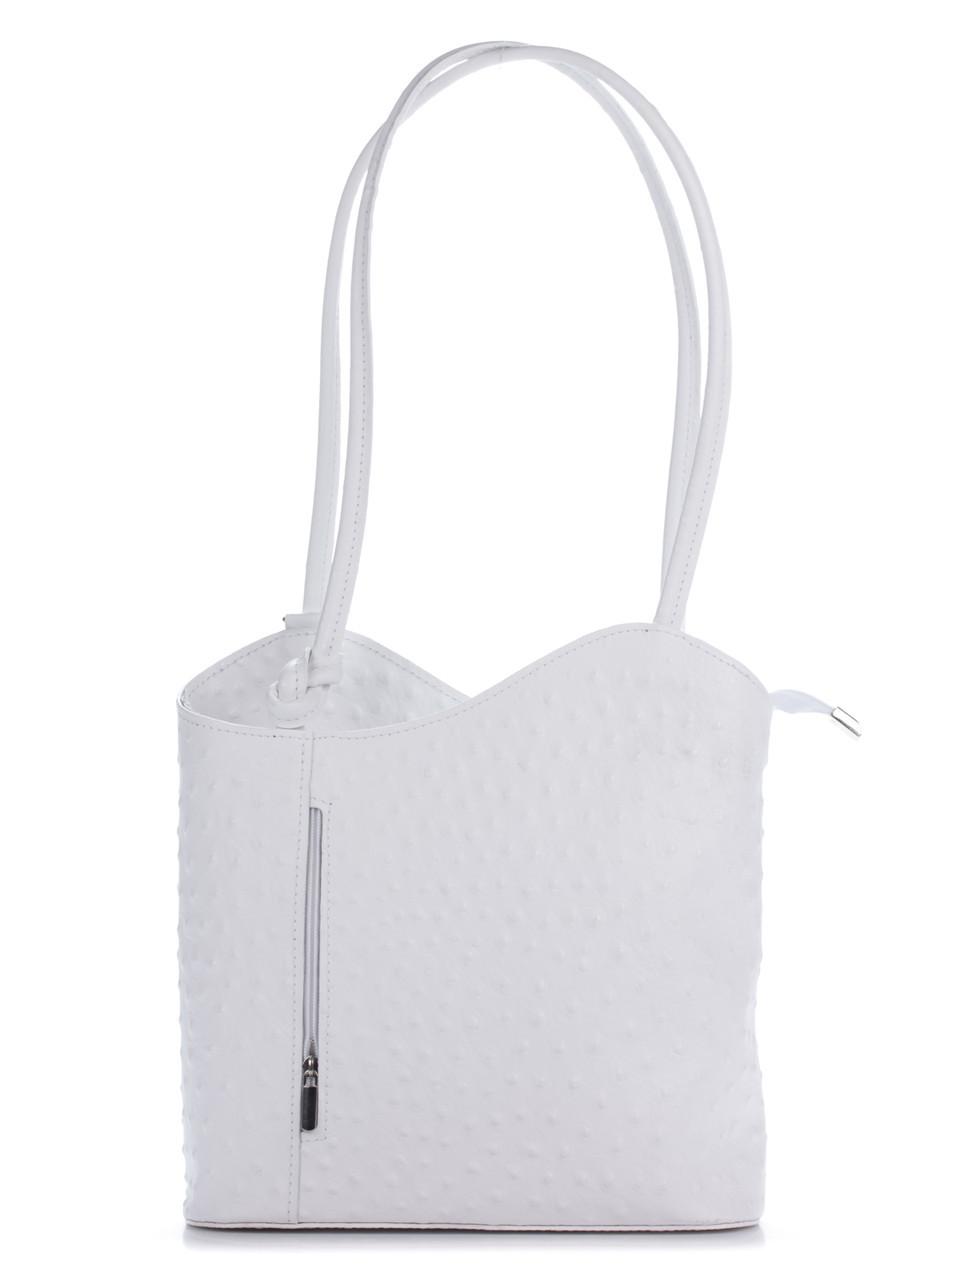 Женская кожаная сумка PATTY Diva's Bag цвет белый